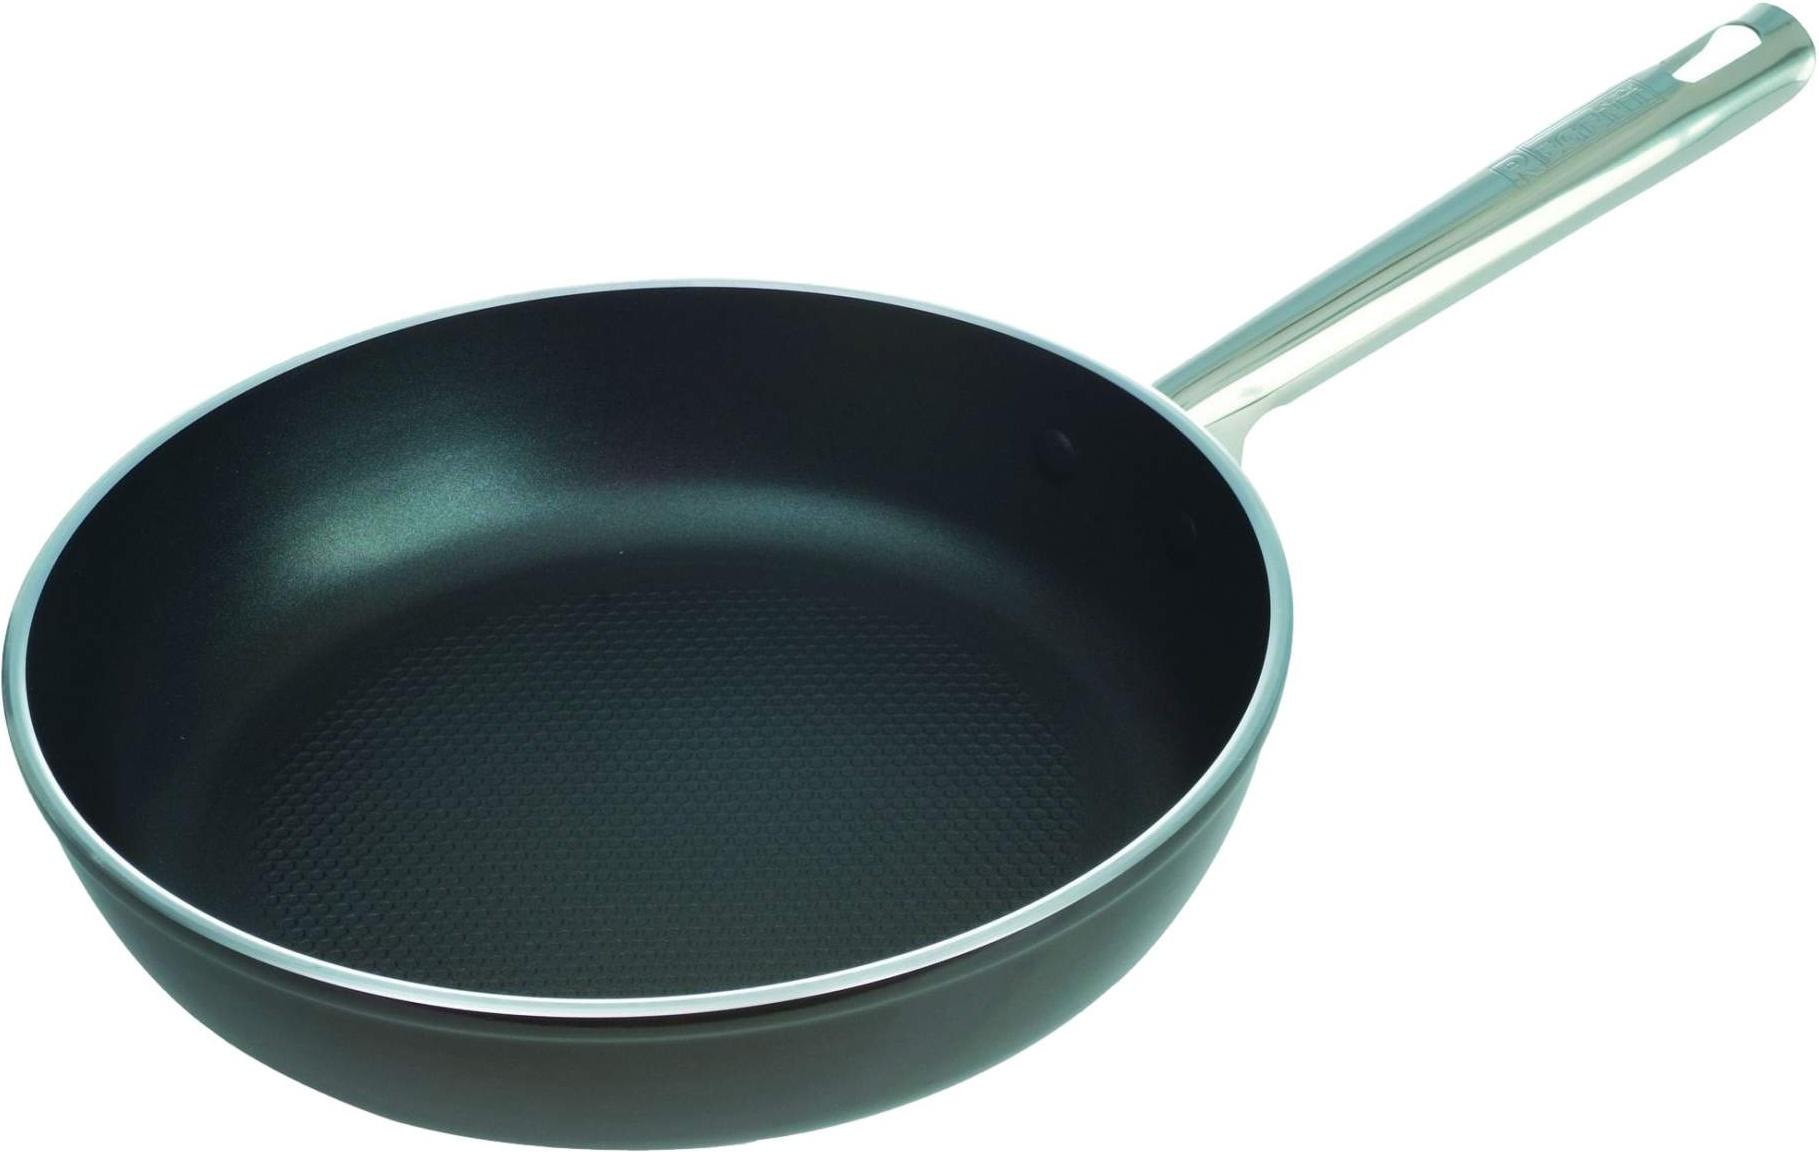 Сковорода REGENT inox Tesoro 93-AL-TE-1-24 24 см